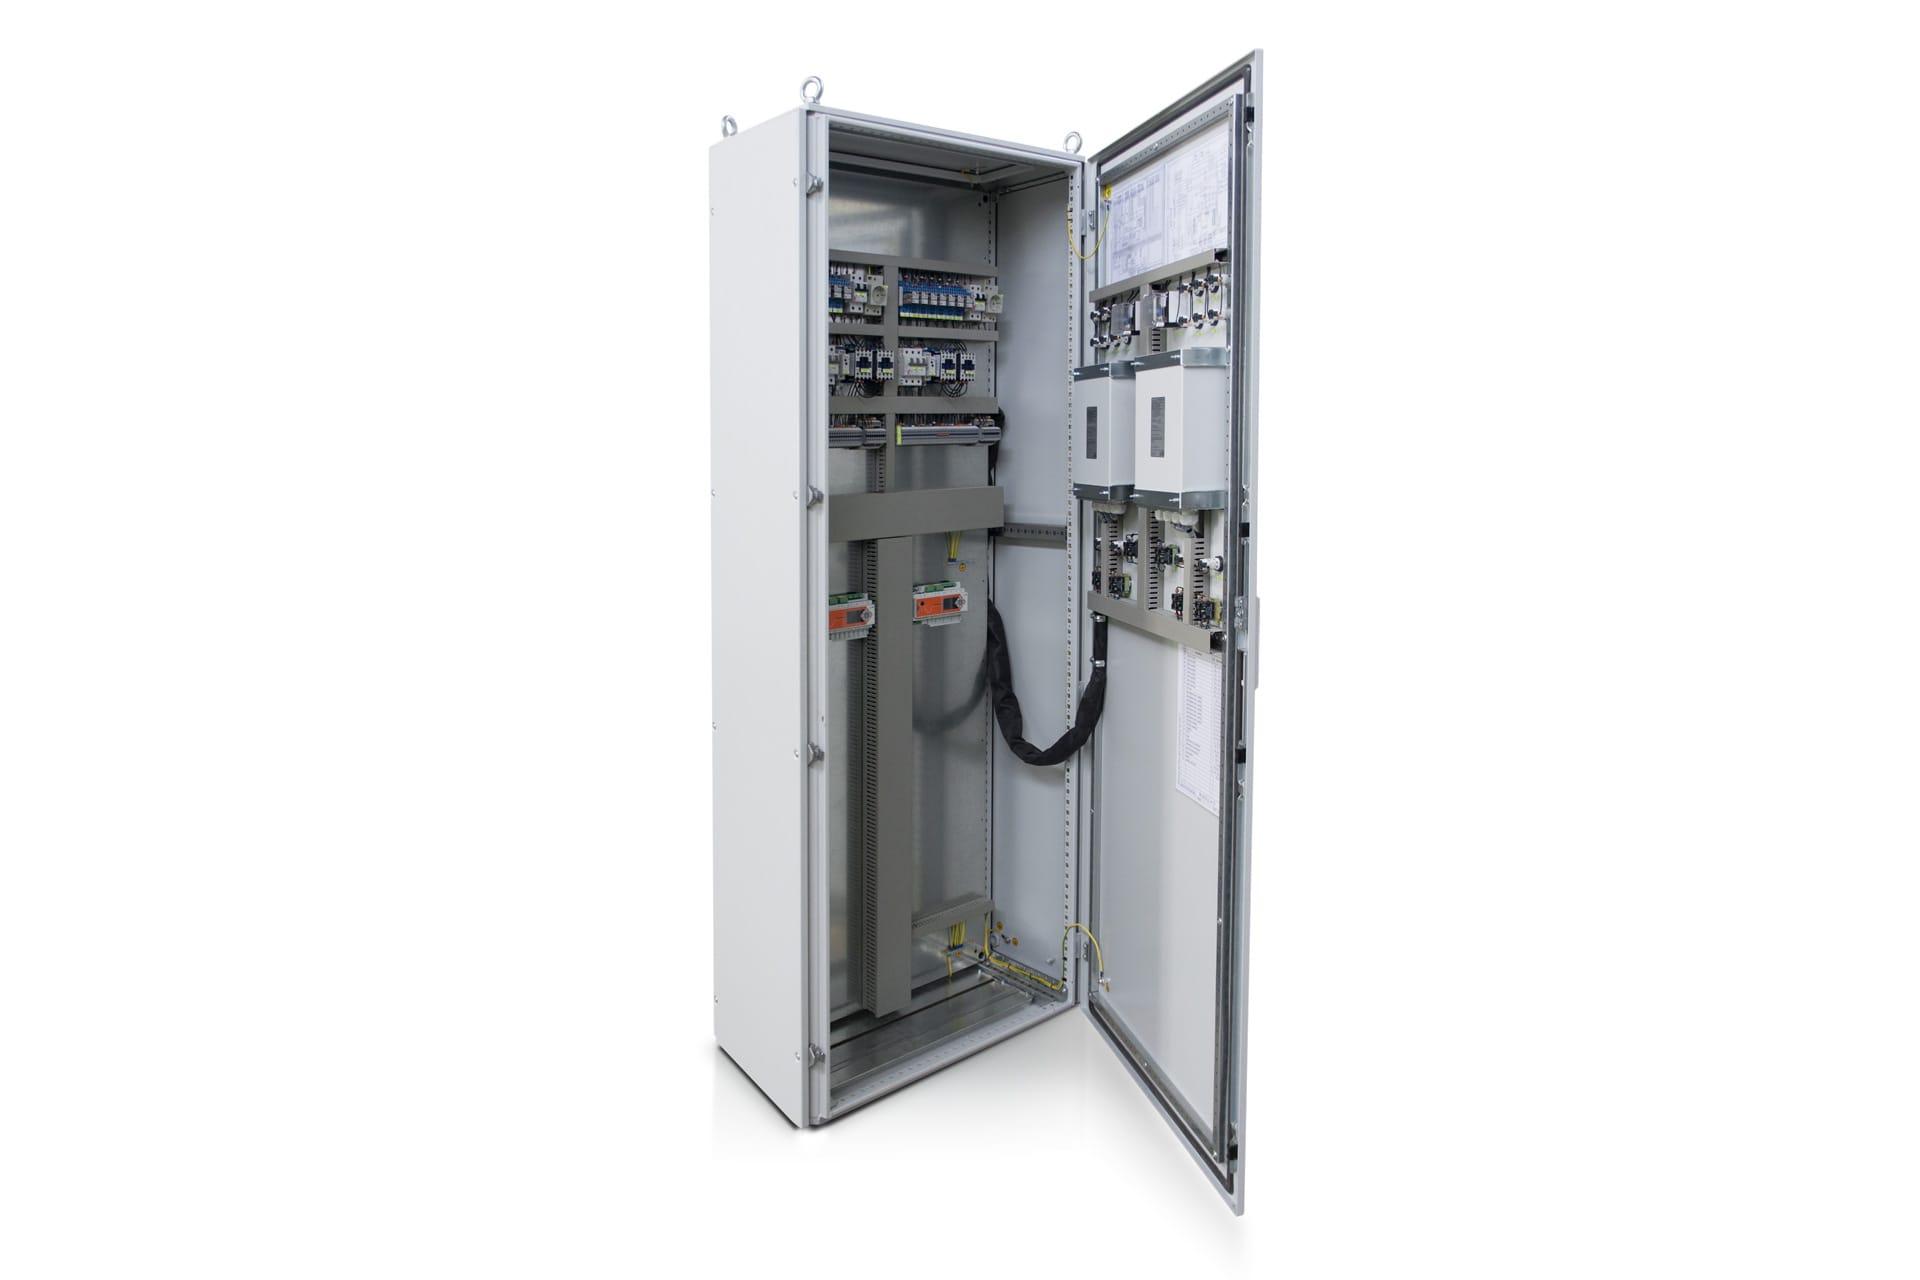 Ensons - Напольный шкаф управления с 2мя регуляторами на панели